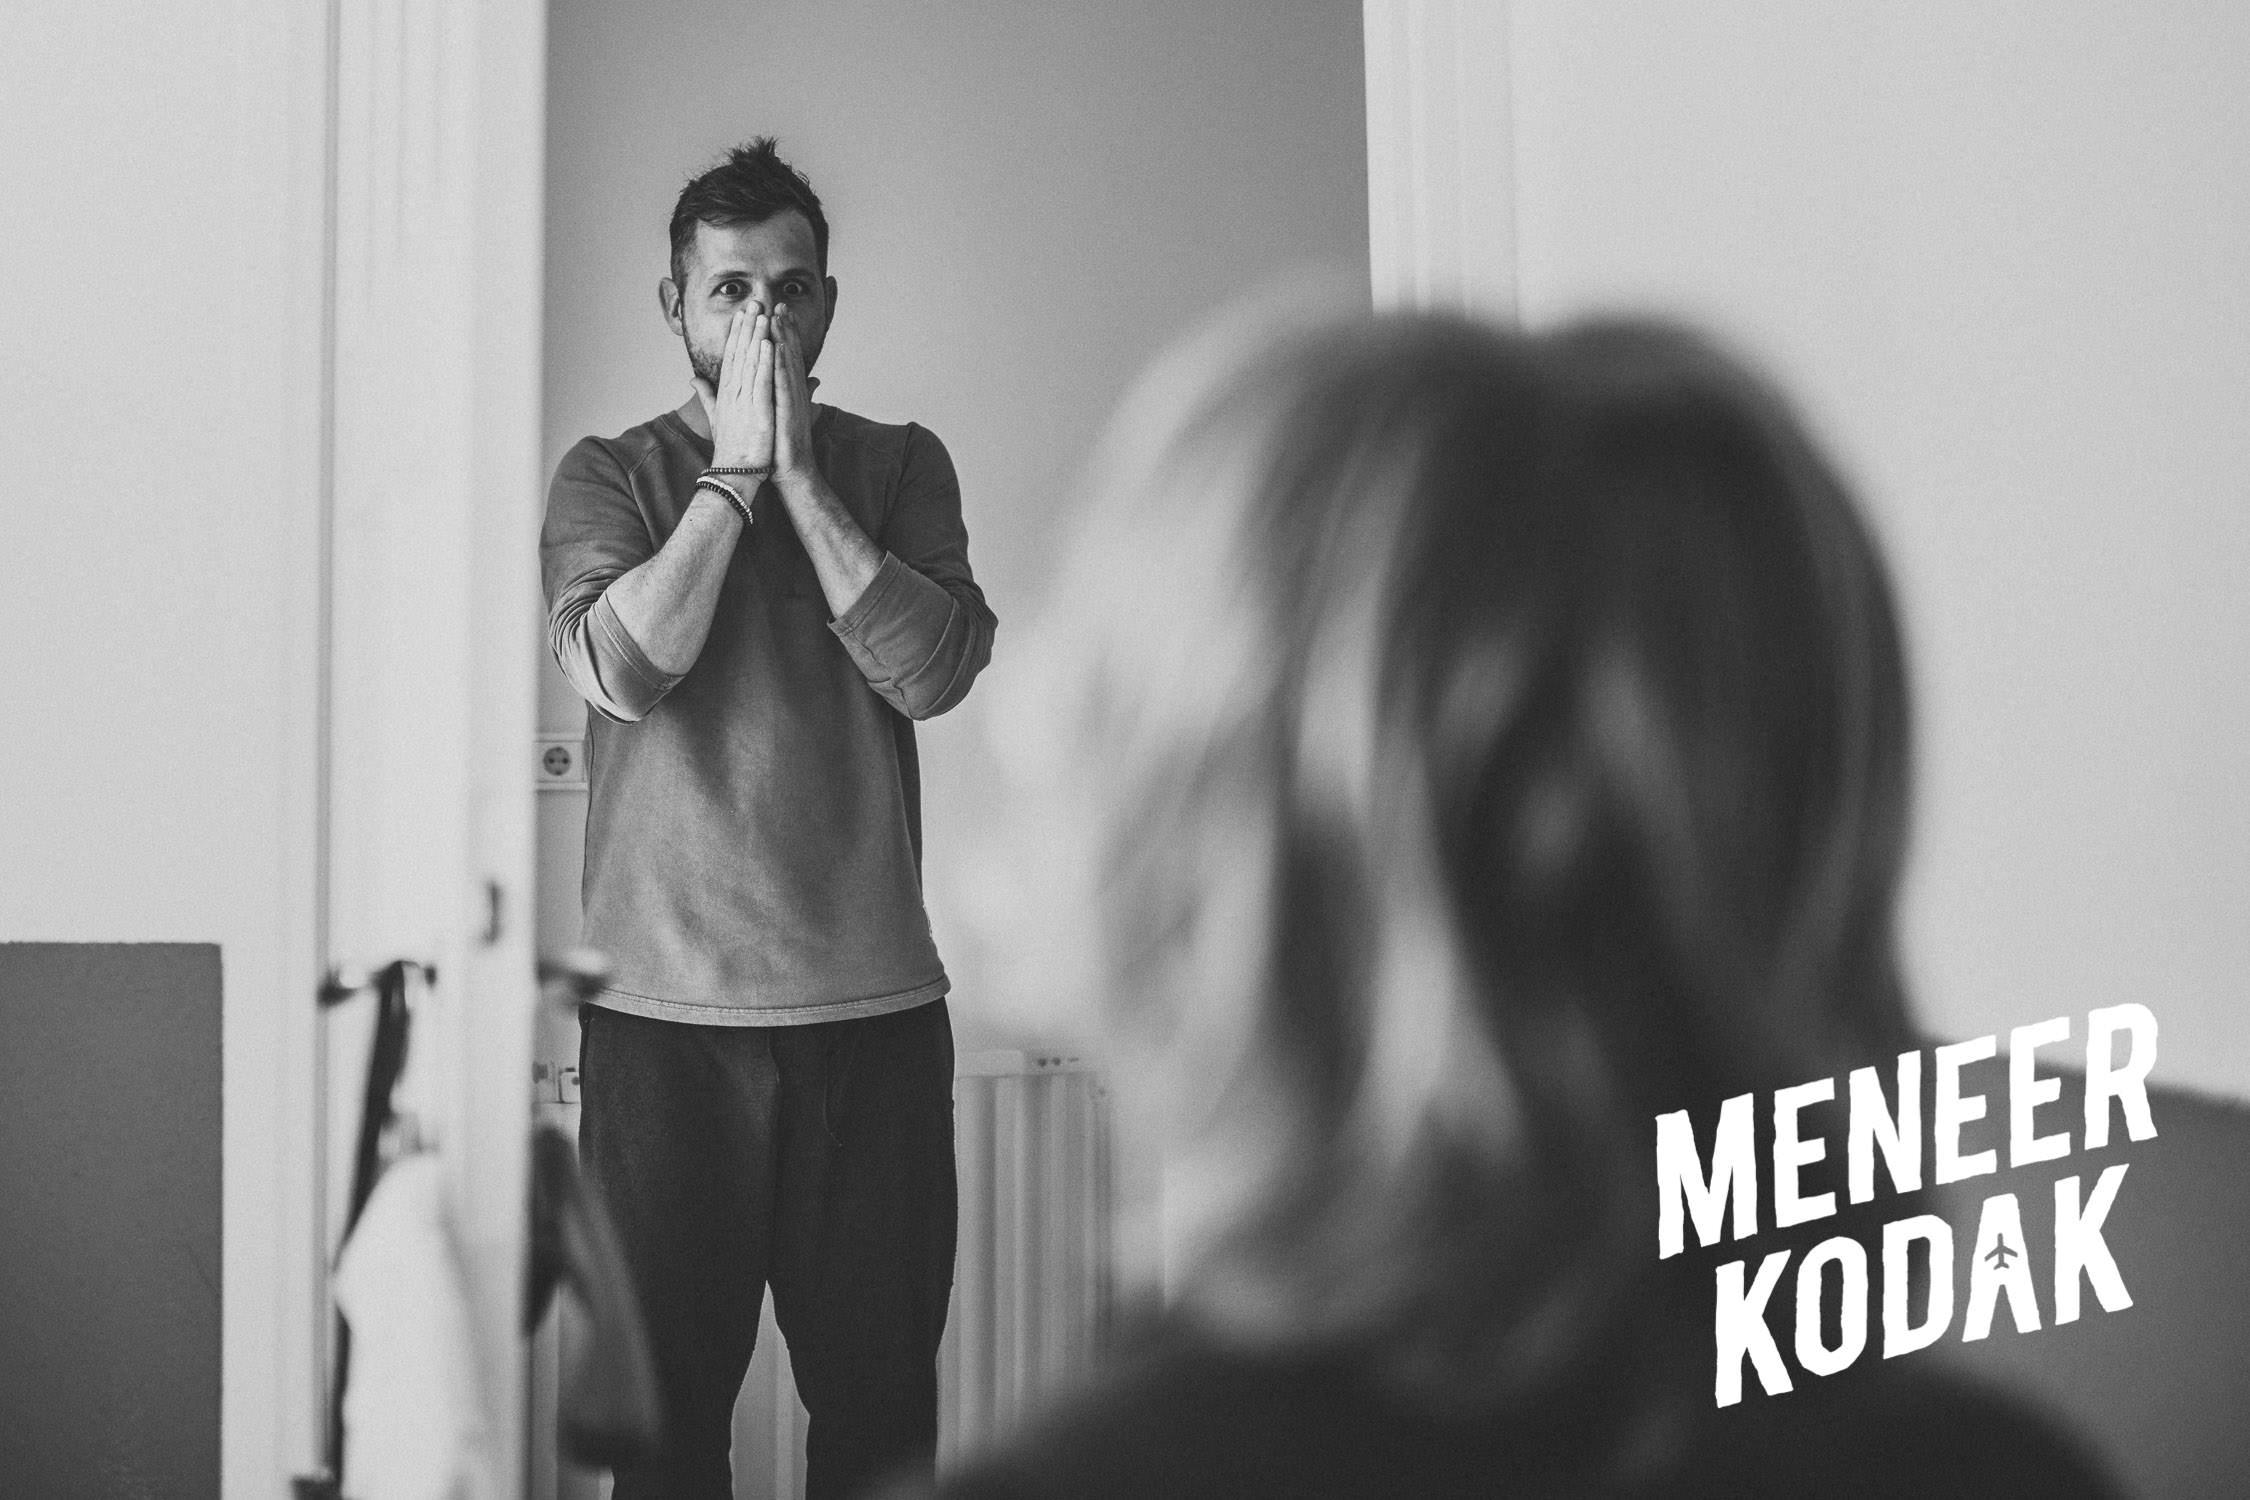 Meneer Kodak - Bruidsfotograaf - Breda - S&R-058.jpg